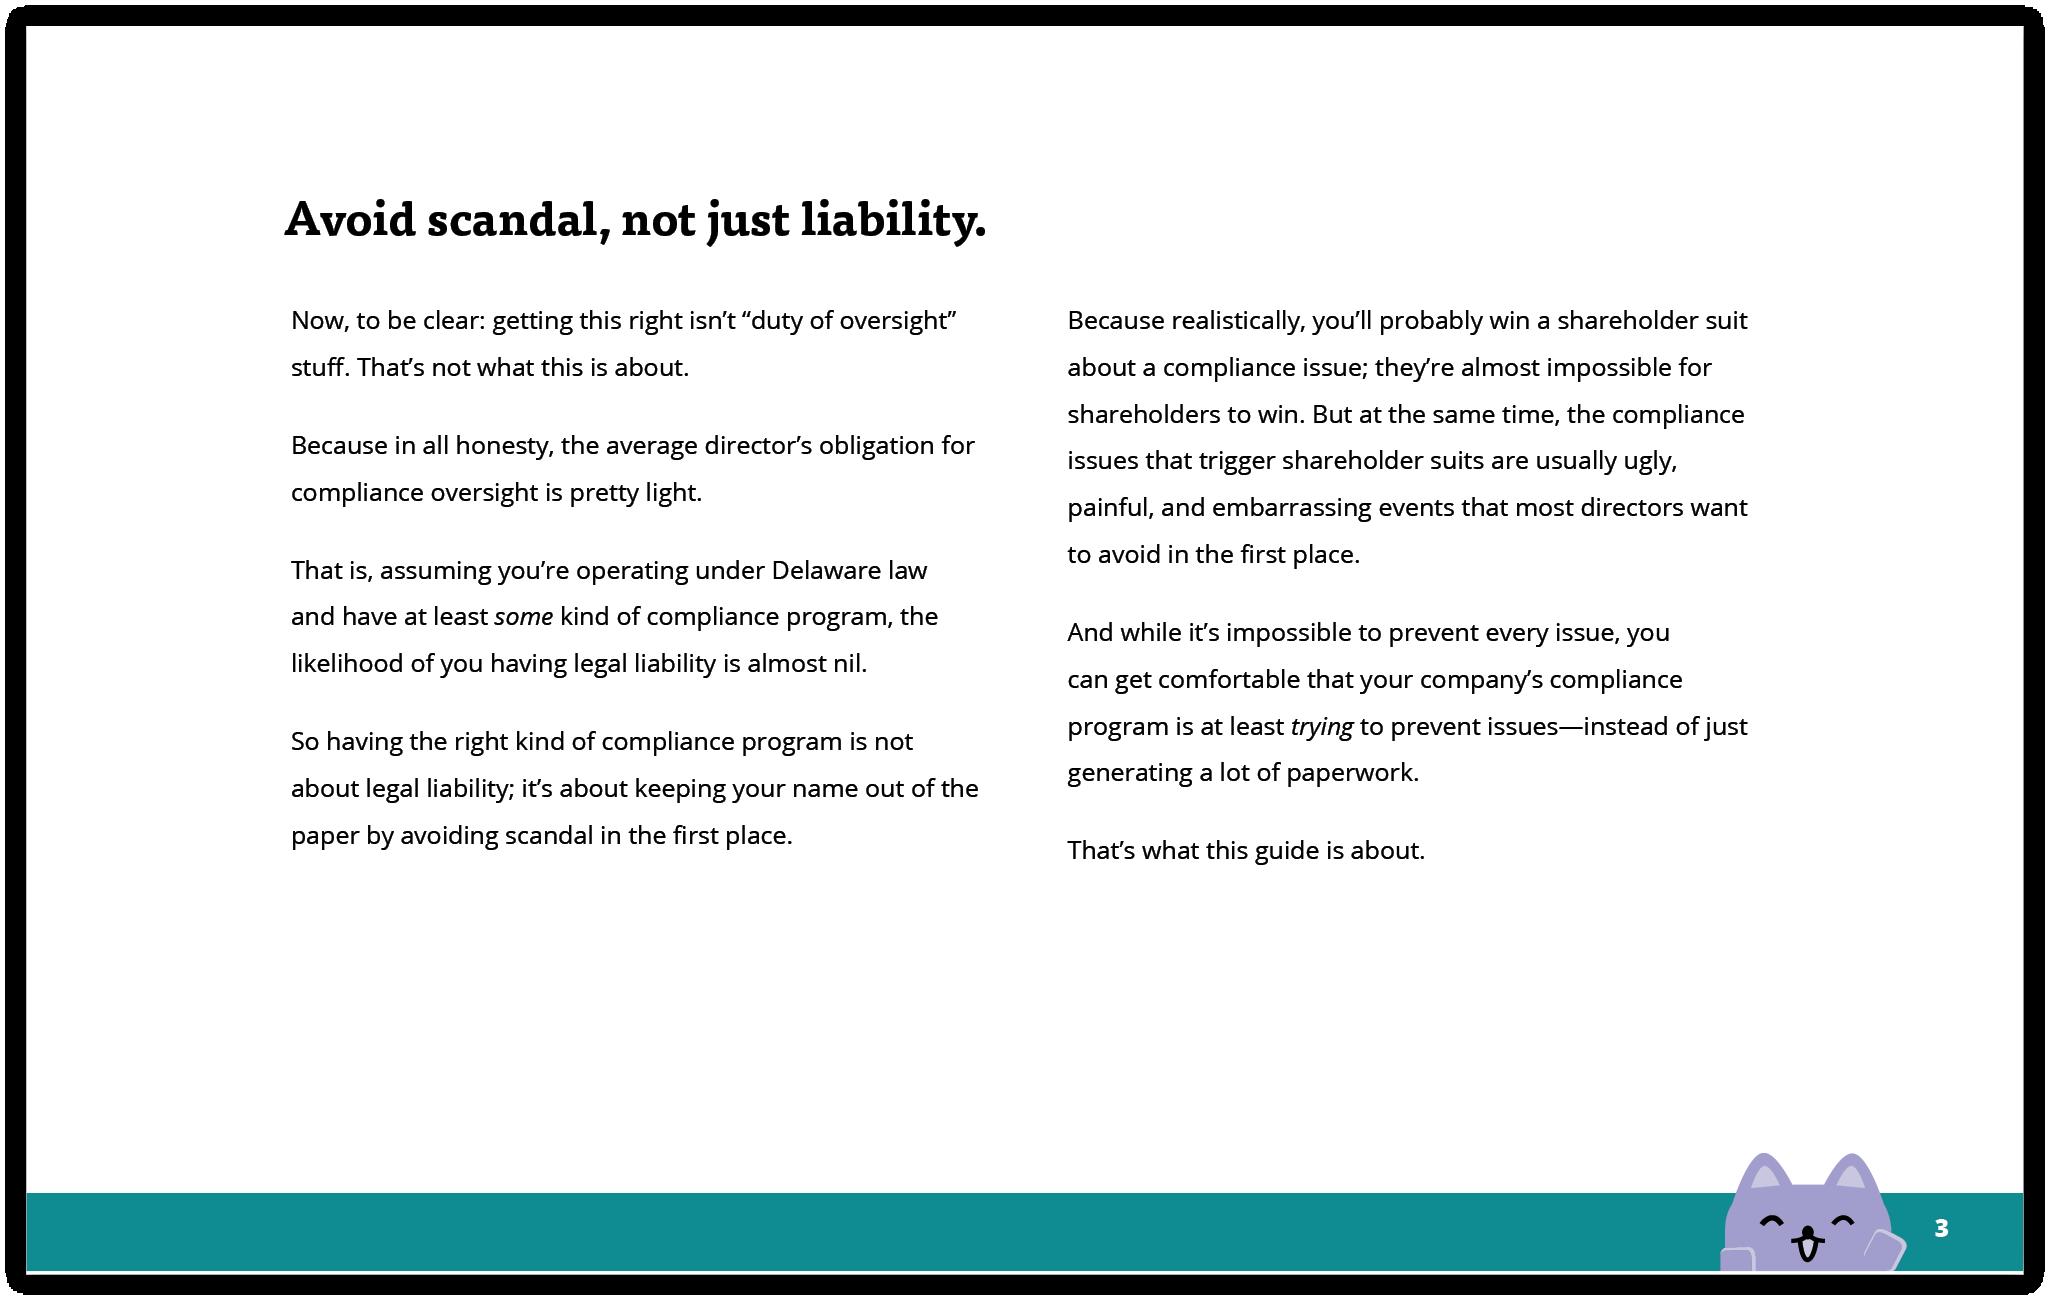 screenshot-avoid-scandal.png